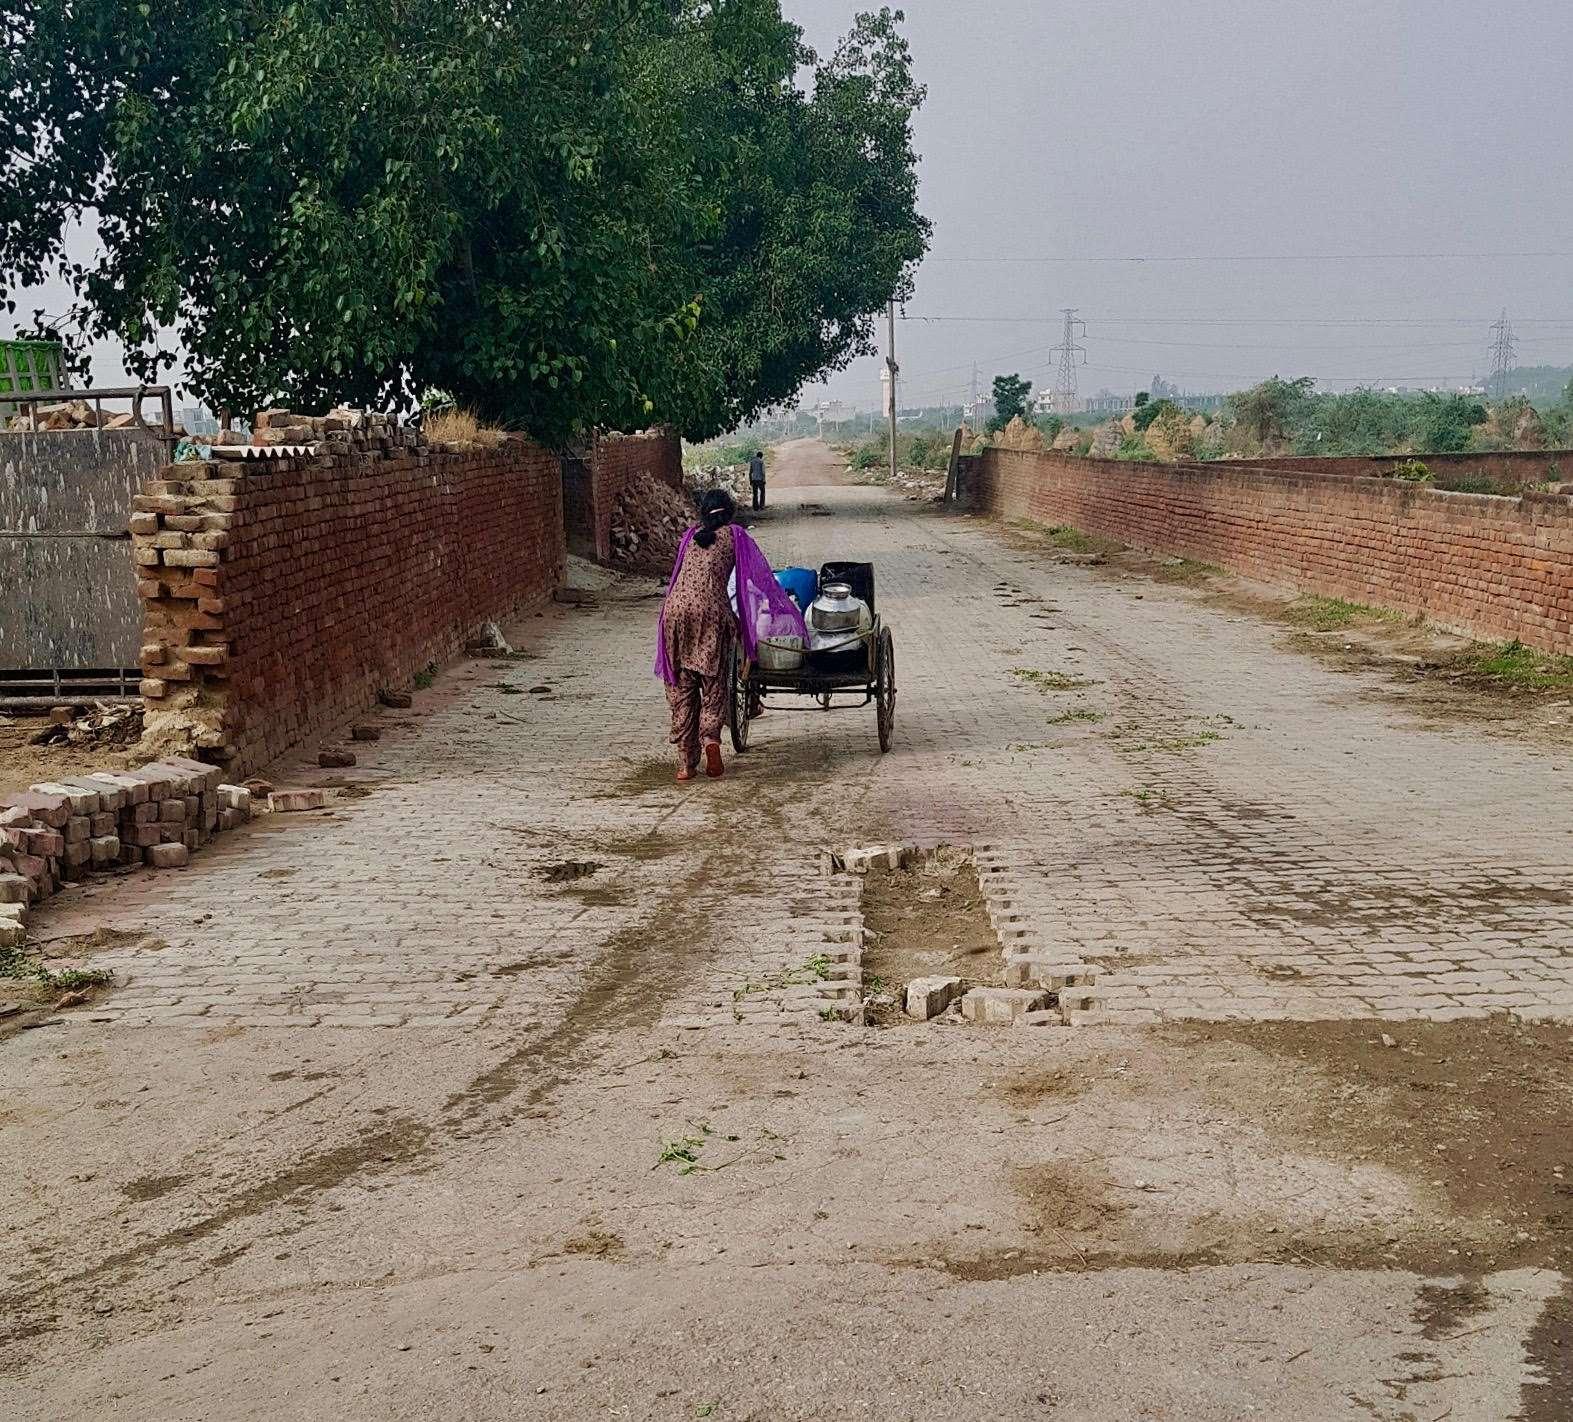 India Image 5